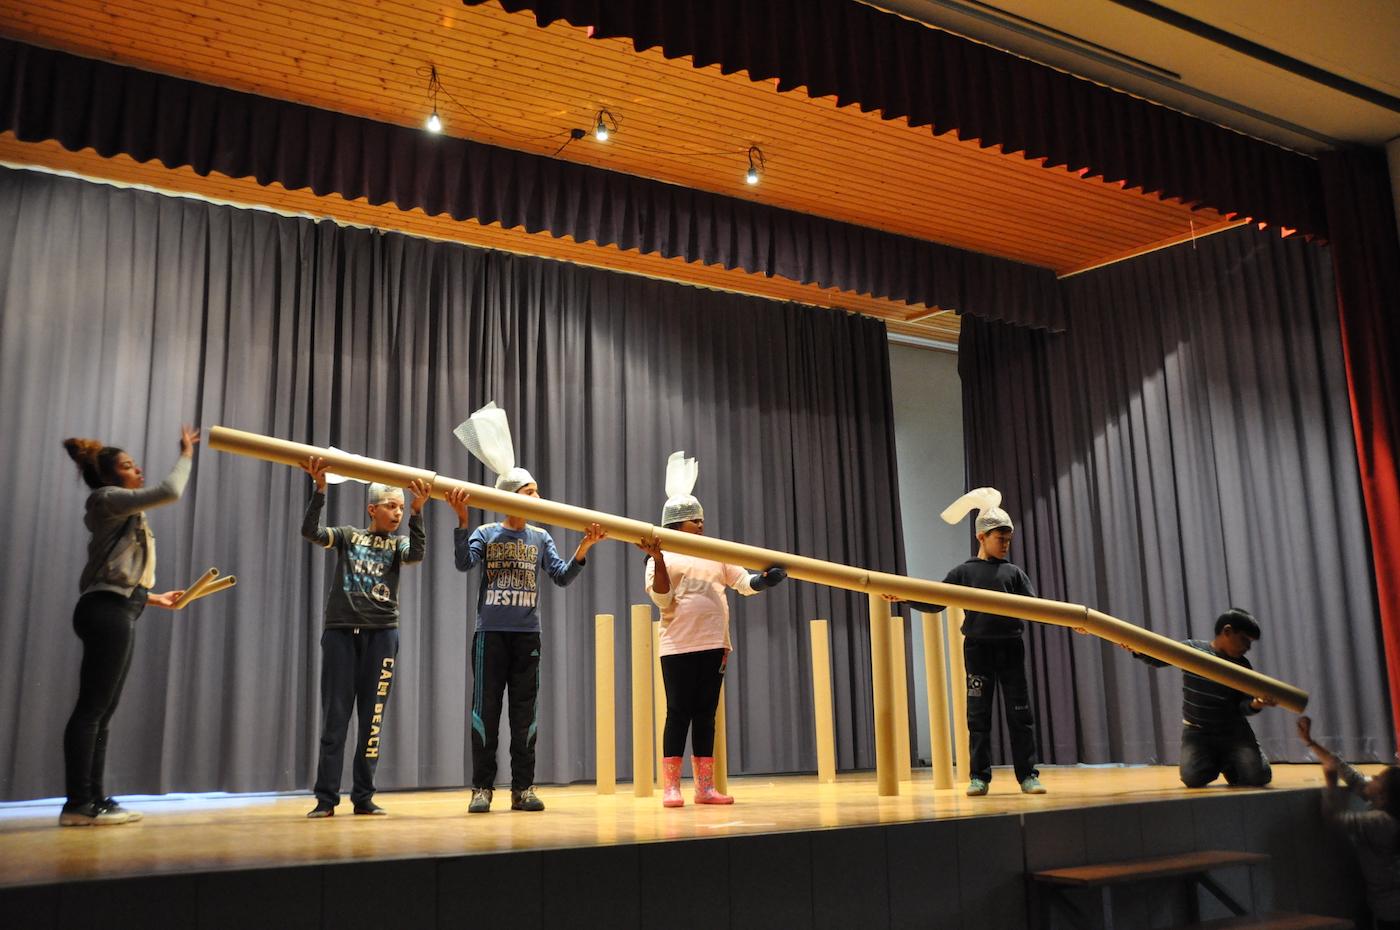 Während einer Woche spielen Kinder von überall her zusammenTheater.